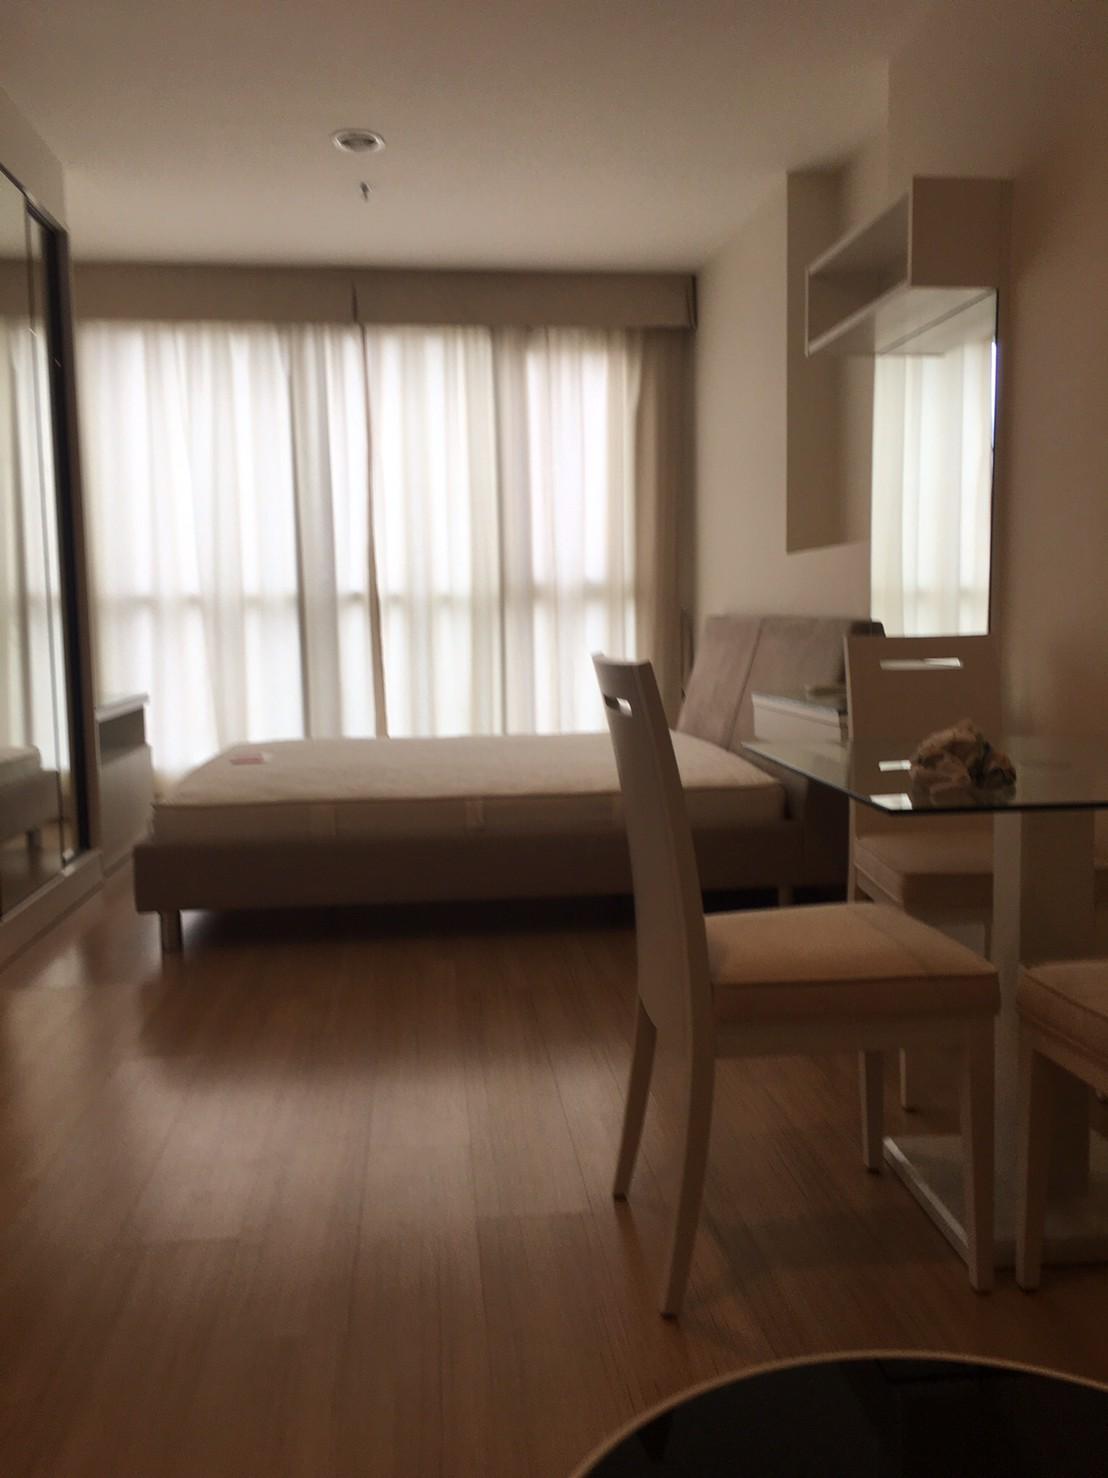 ประกาศ[เช่า/ขาย] Life @ Ladprao18  | ไลฟ์ แอท ลาดพร้าว 18 - ใกล้ MRT ลาดพร้าว - 1 ห้องนอน 35 ตร.ม